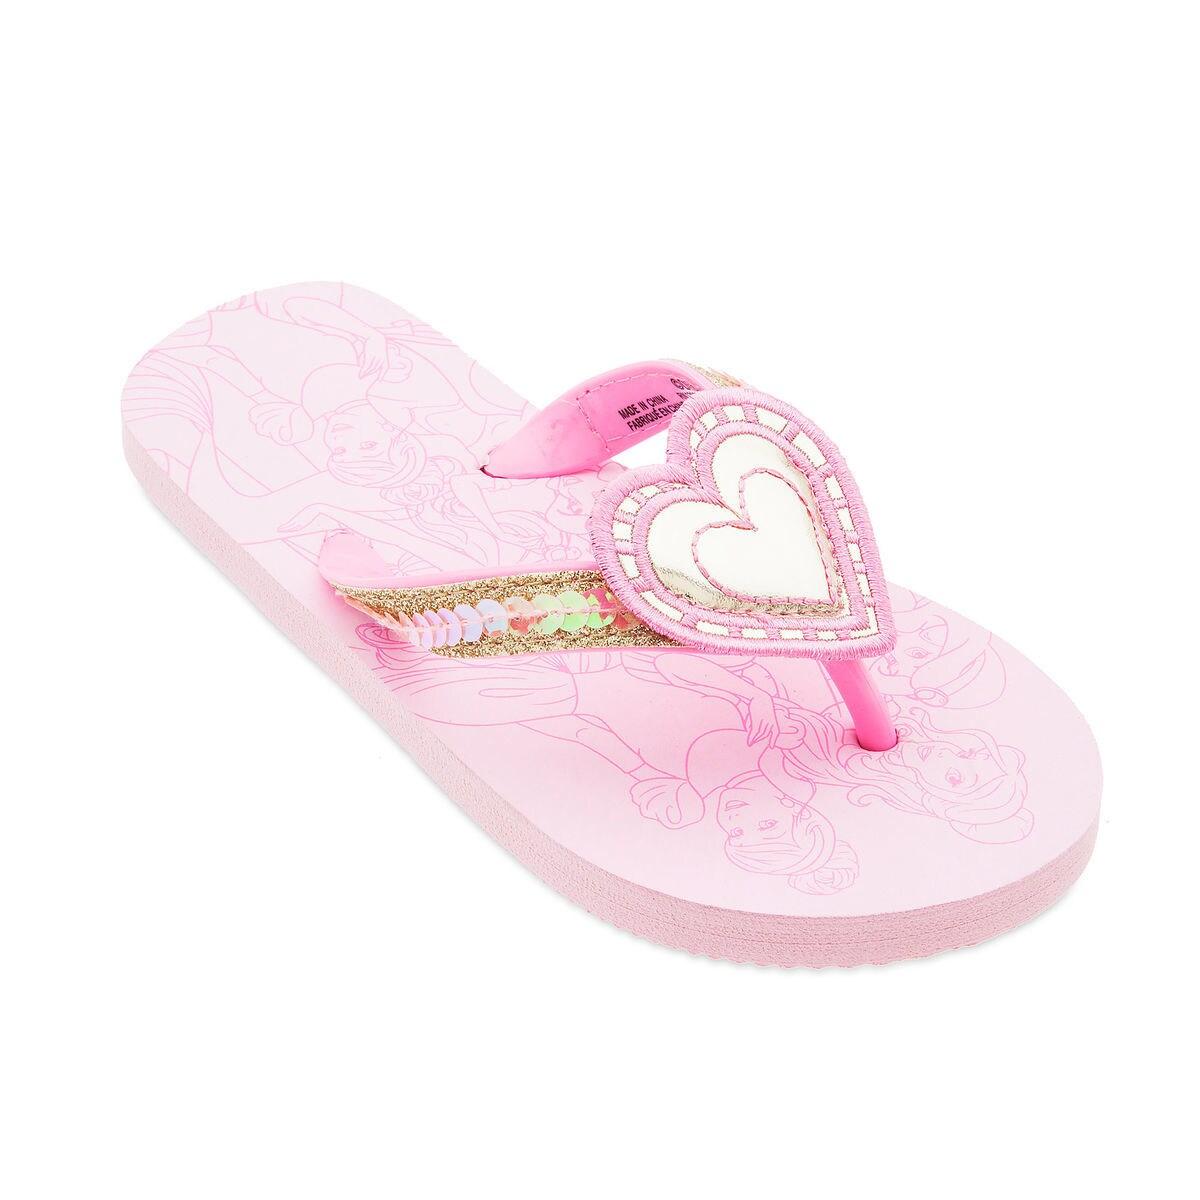 d9819f8ddd8af Product Image of Disney Princess Sandals for Kids   1